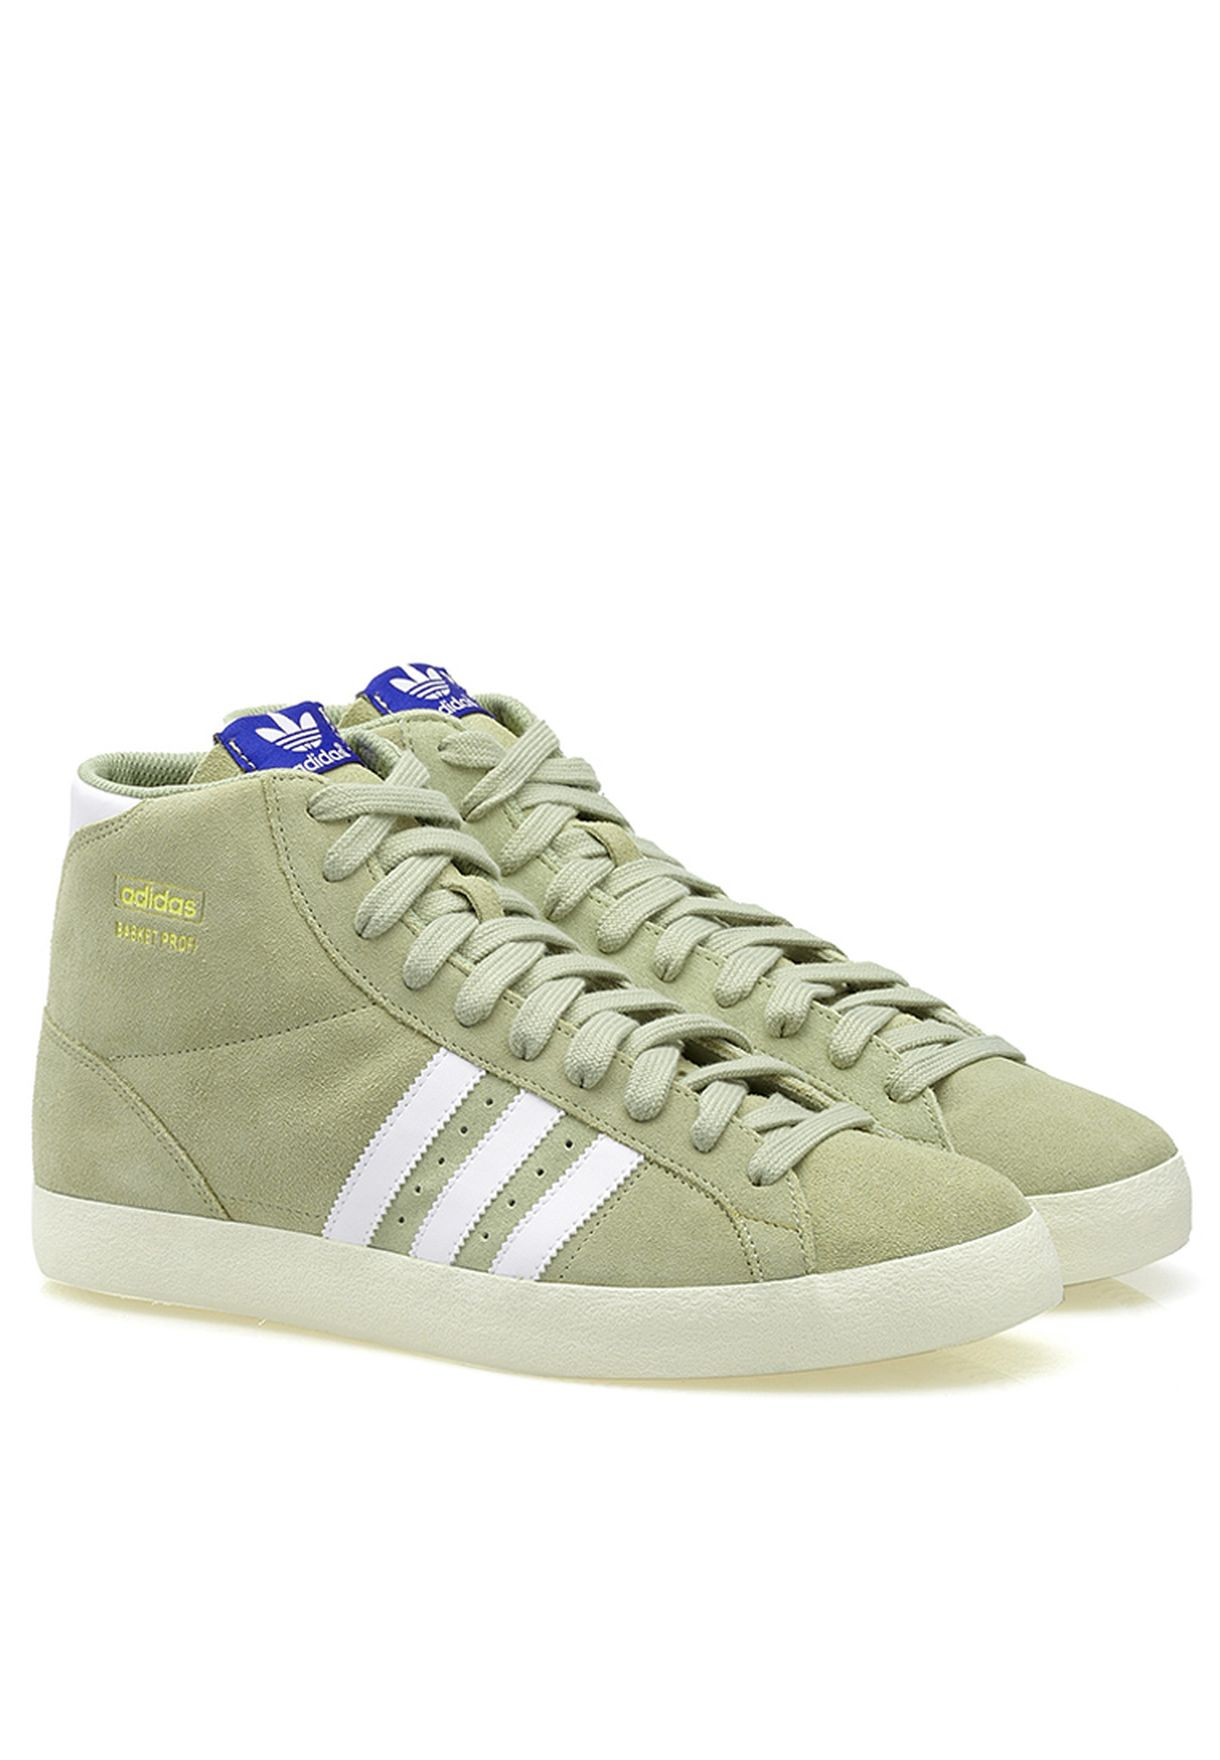 new arrival af4f6 e52b8 Shop adidas Originals green Basket Profi Q23333 for Men in Saudi -  AD476SH16ZYH